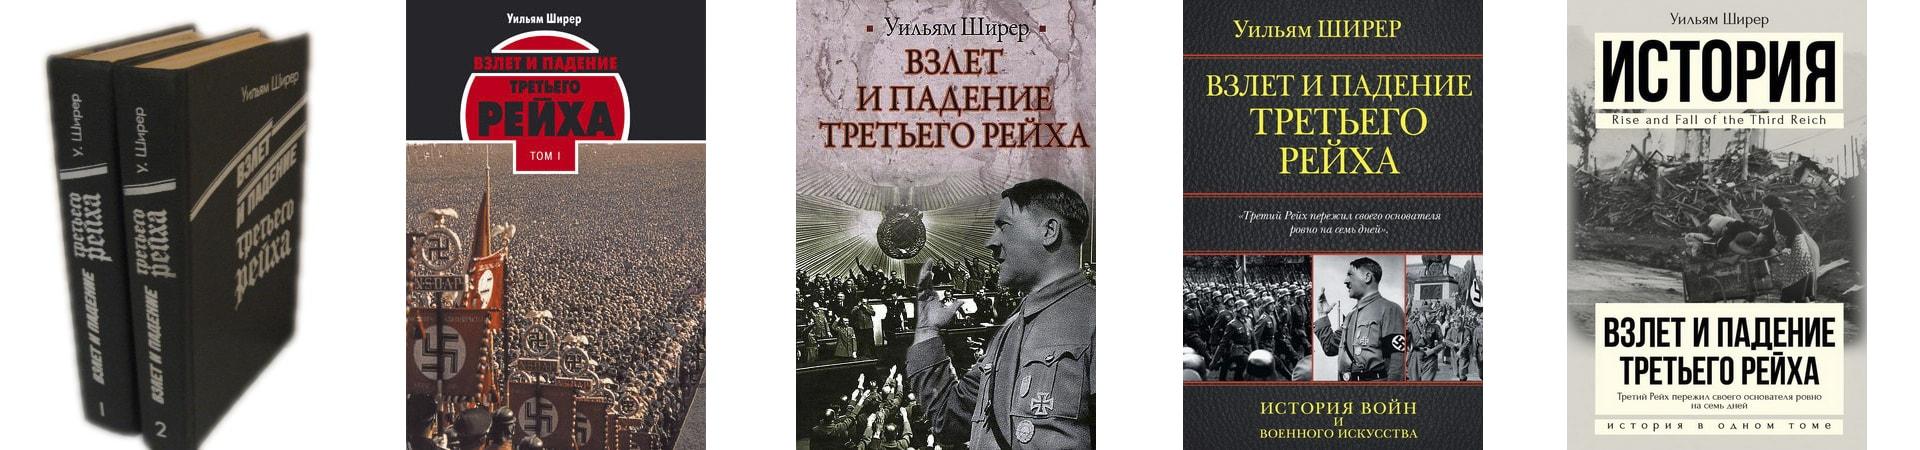 «Взлет и падение Третьего рейха» издания на русском